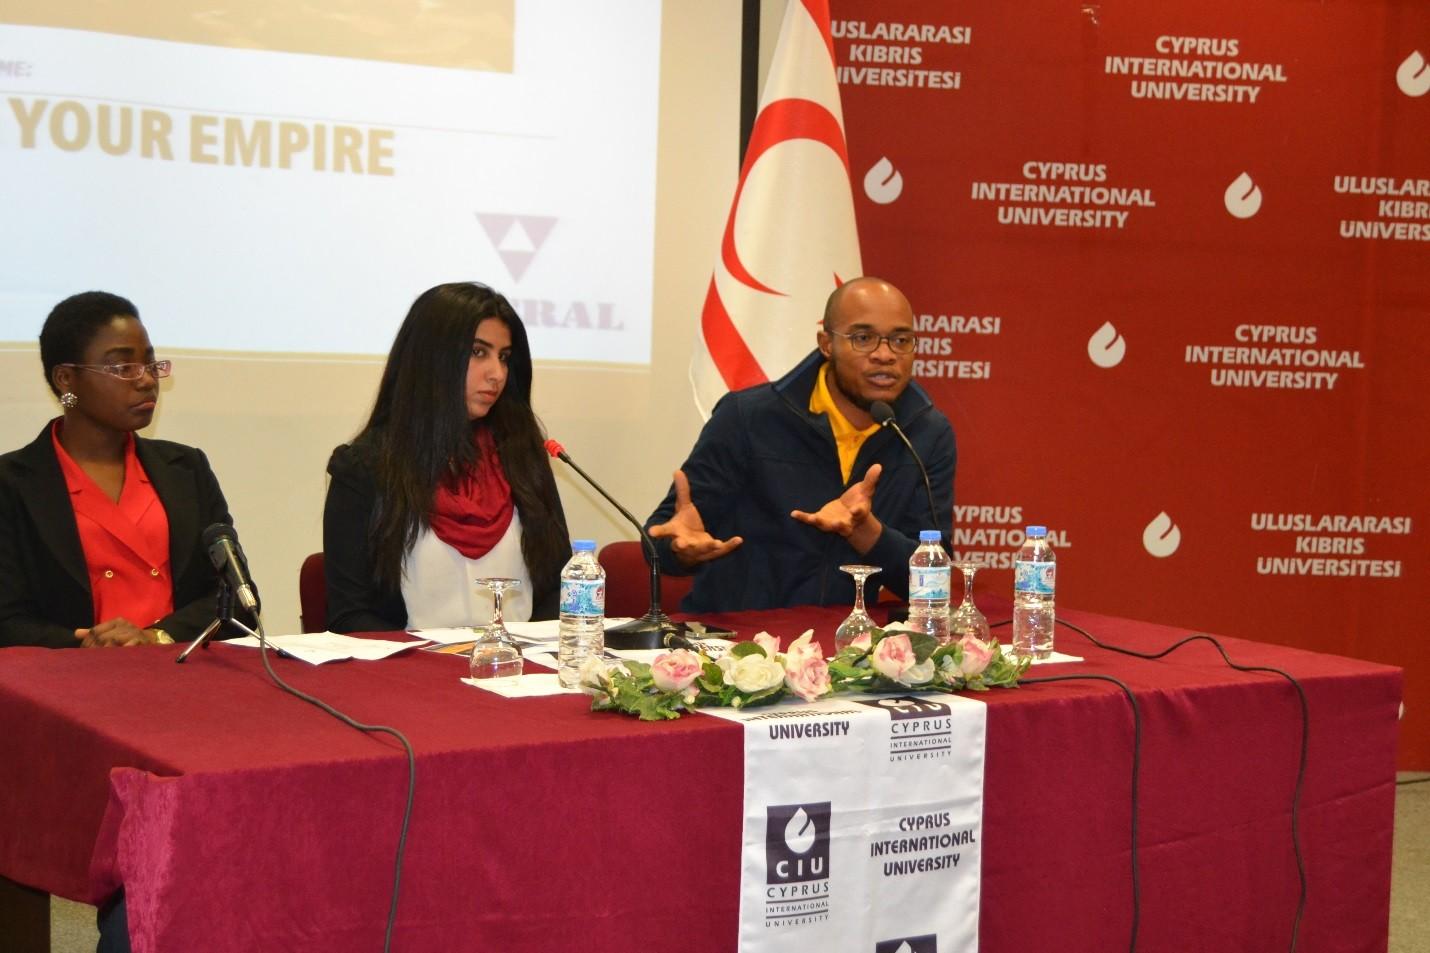 UKÜ'de konferans: Kendi imparatorluğunuzu oluşturun